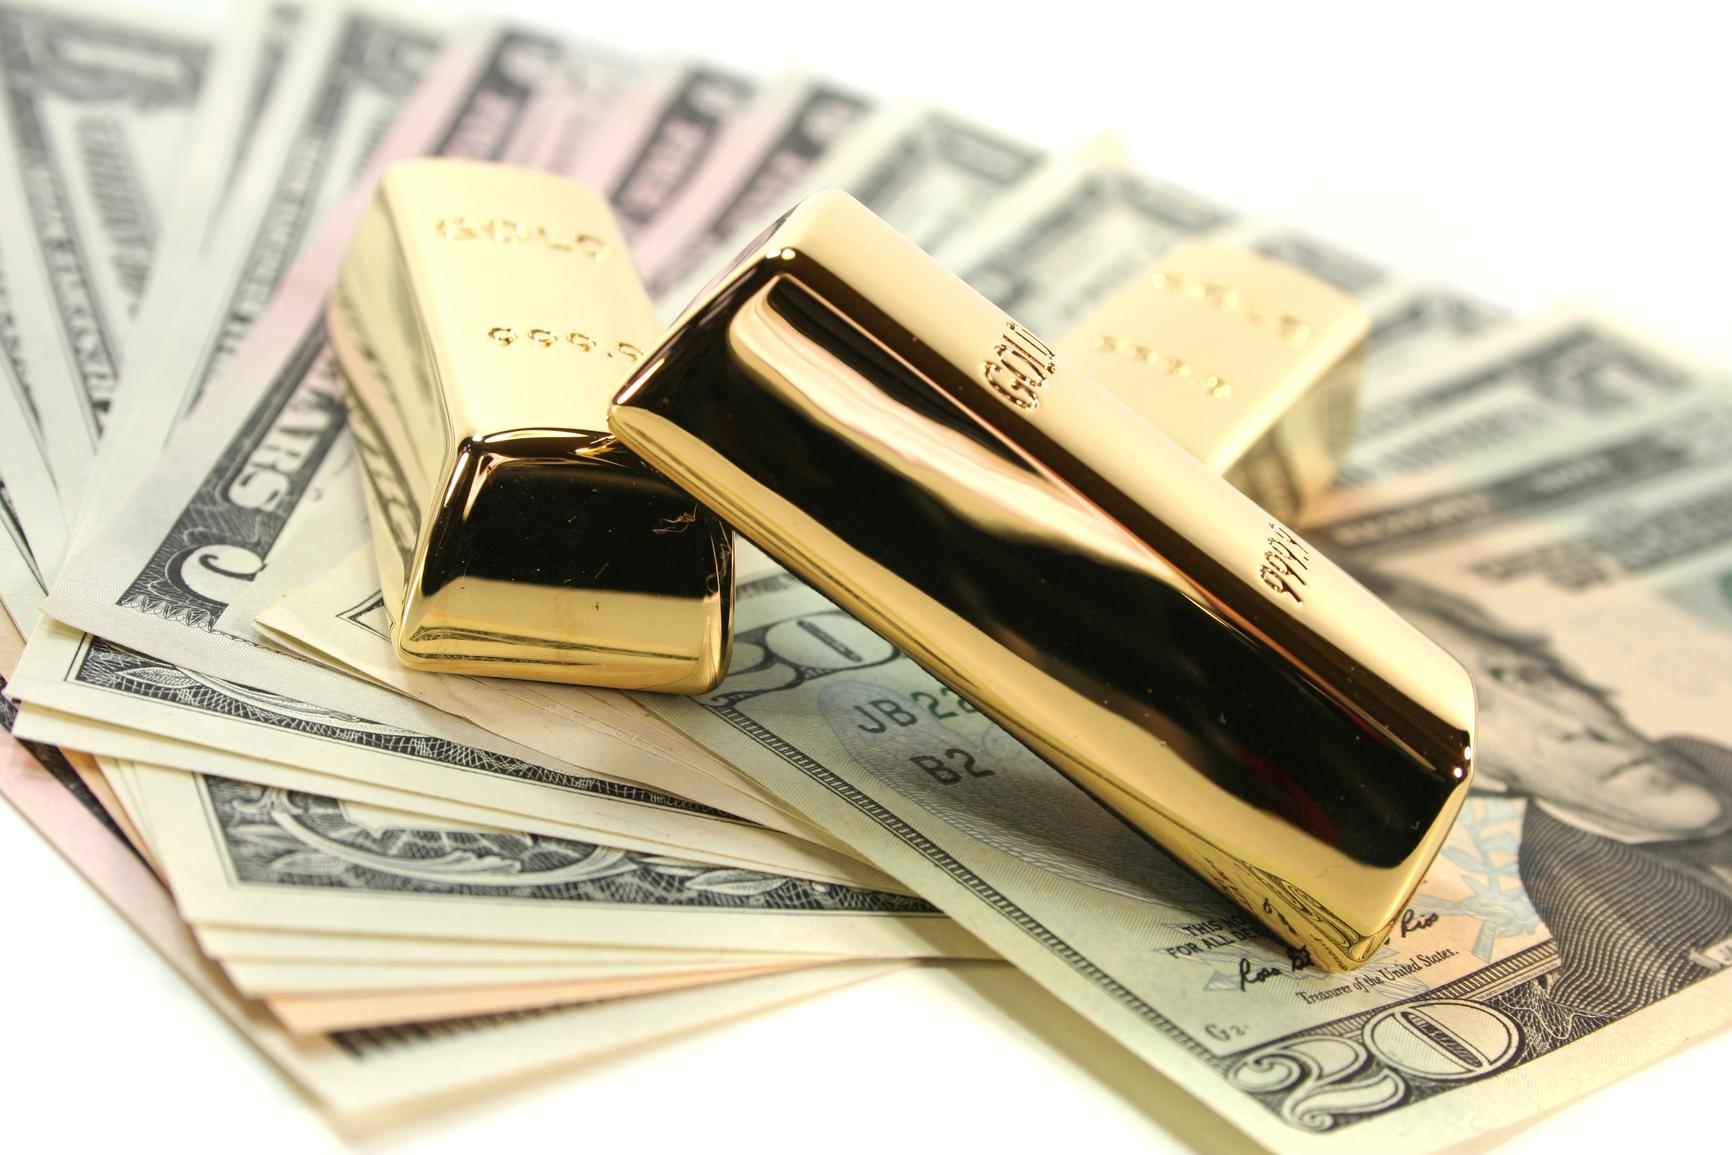 قیمت ارز، دلار، طلا و سکه در بازار امروز ۹۸/۰۶/۳۱